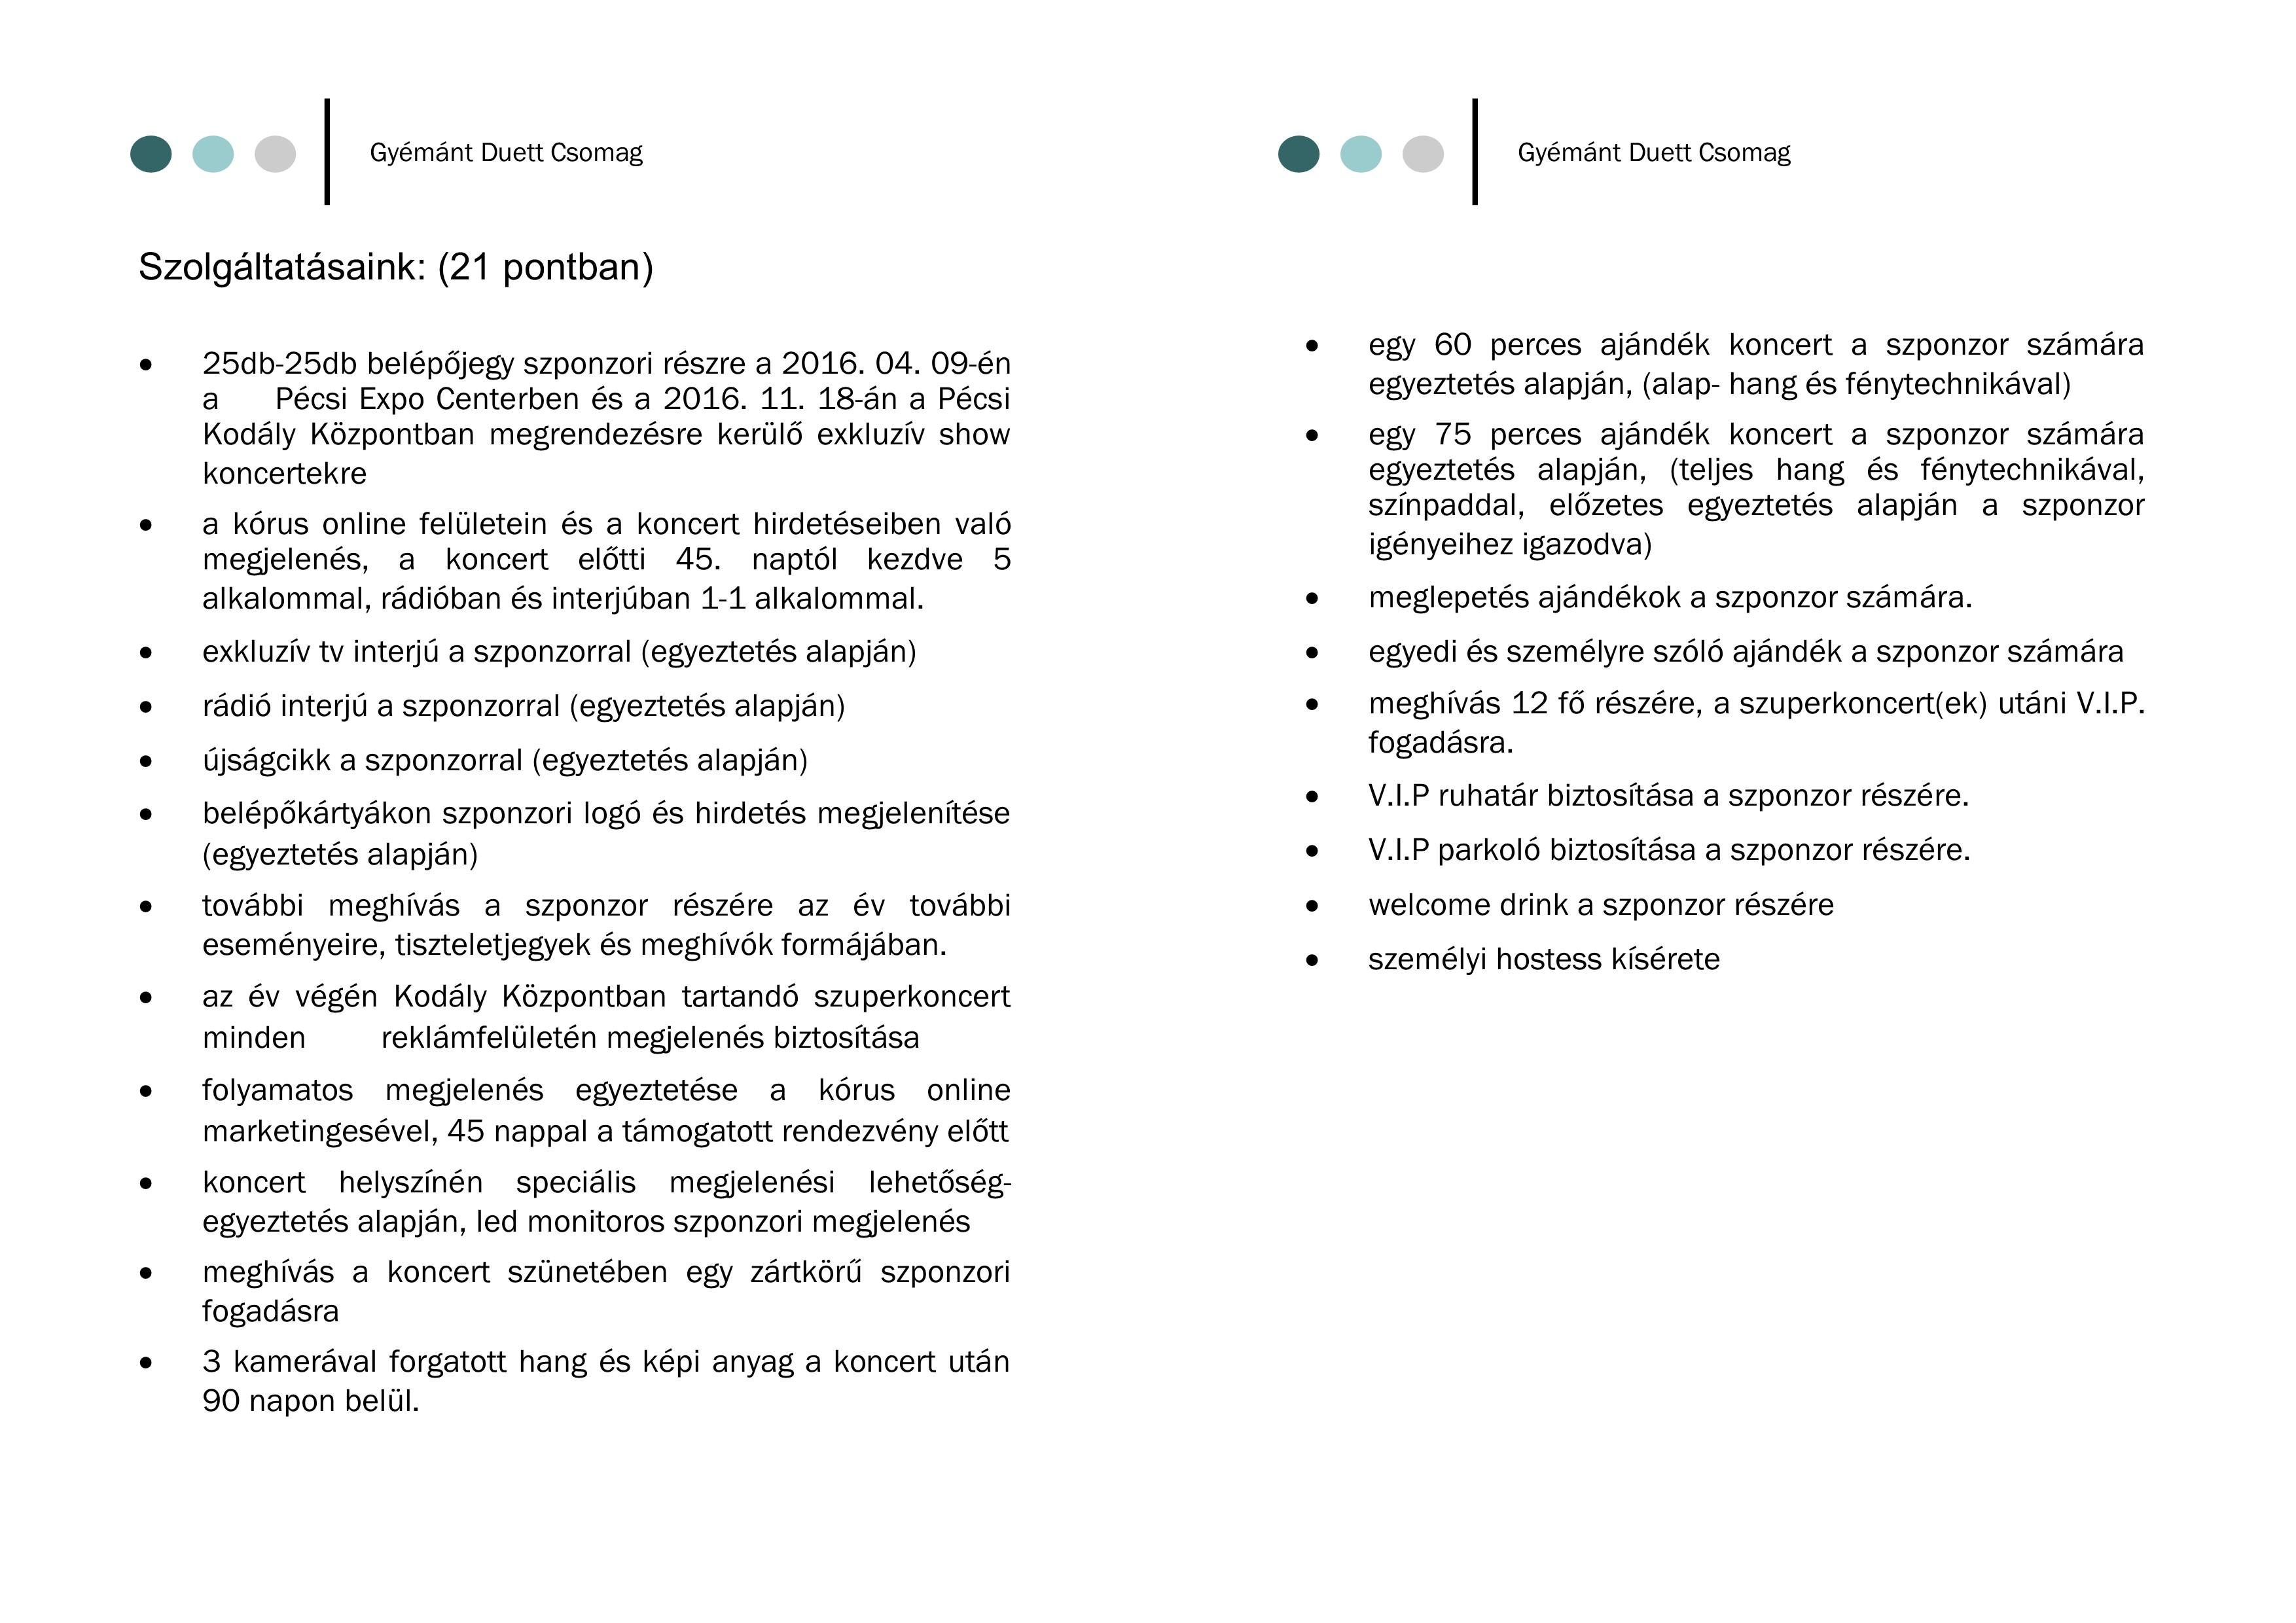 gyemant_duett_csomag02_1.jpg